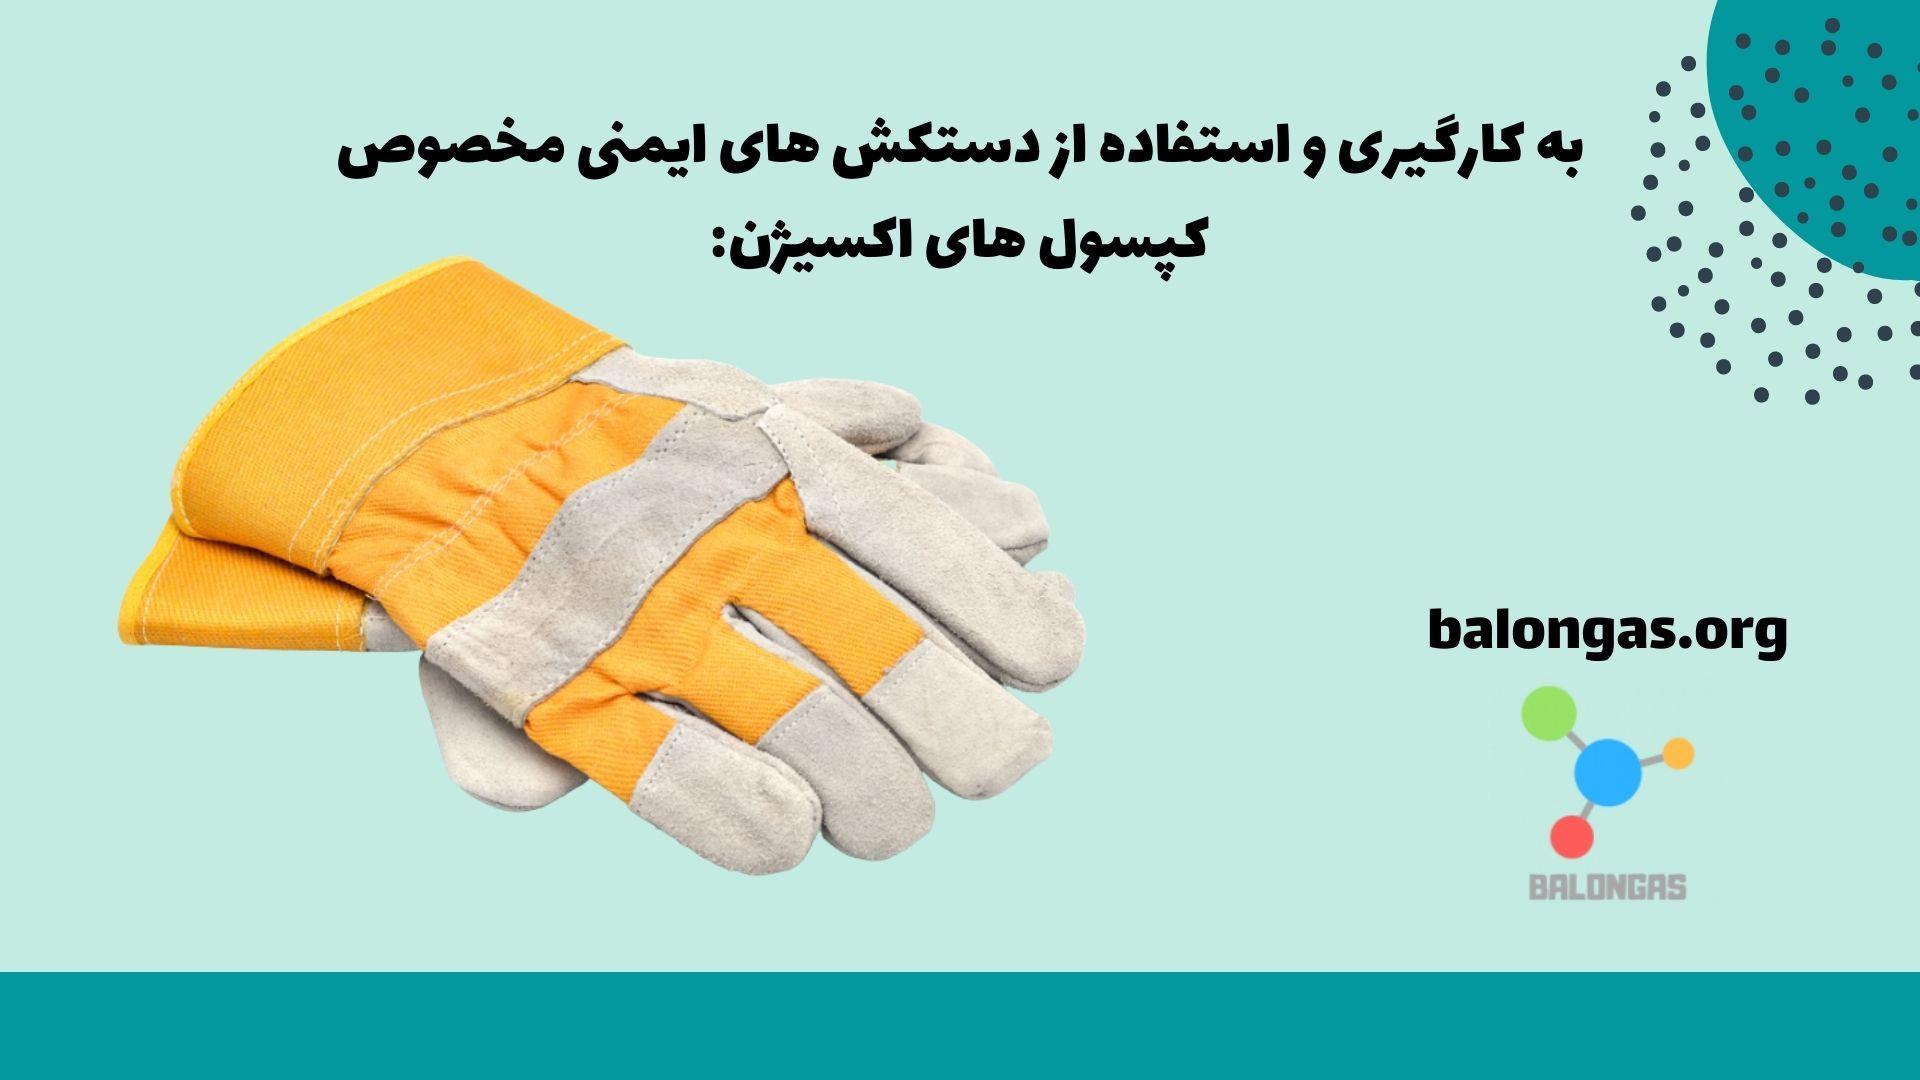 به کارگیری و استفاده از دستکش های ایمنی مخصوص کپسول های اکسیژن: